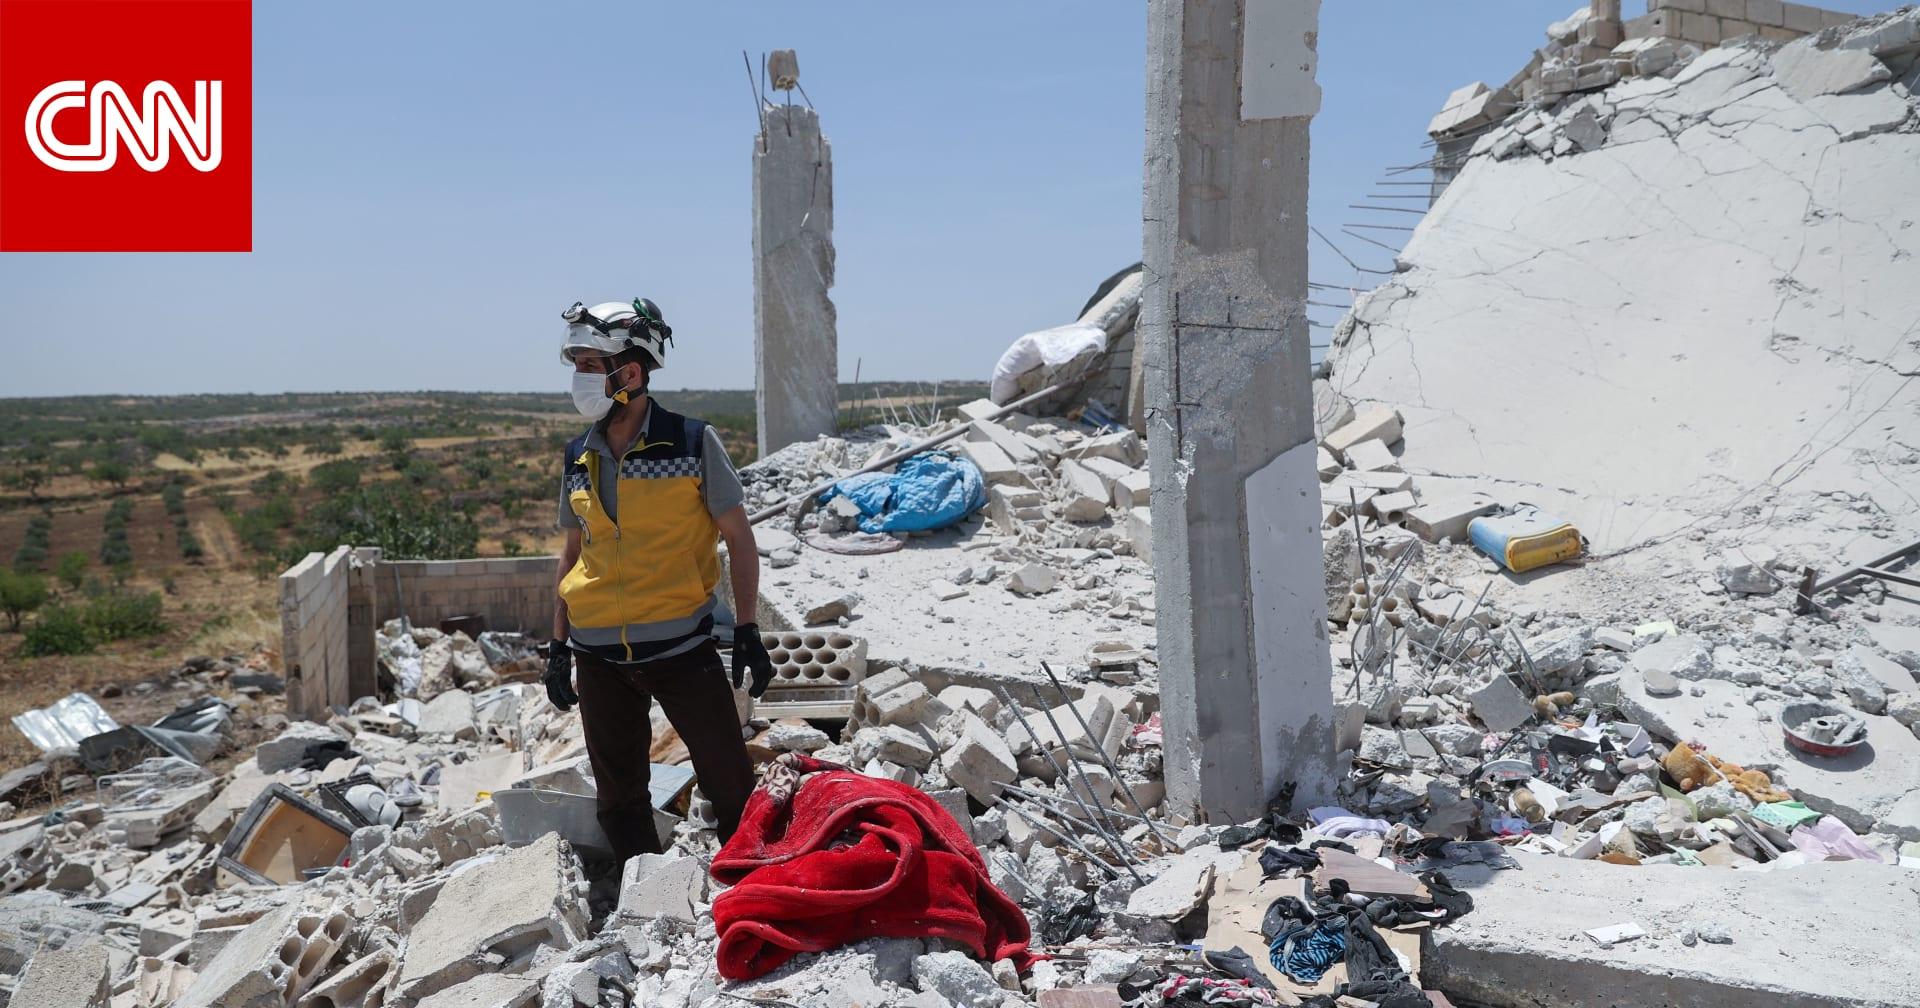 مقتل 8 مدنيين بينهم 6 أطفال في قصف للنظام السوري